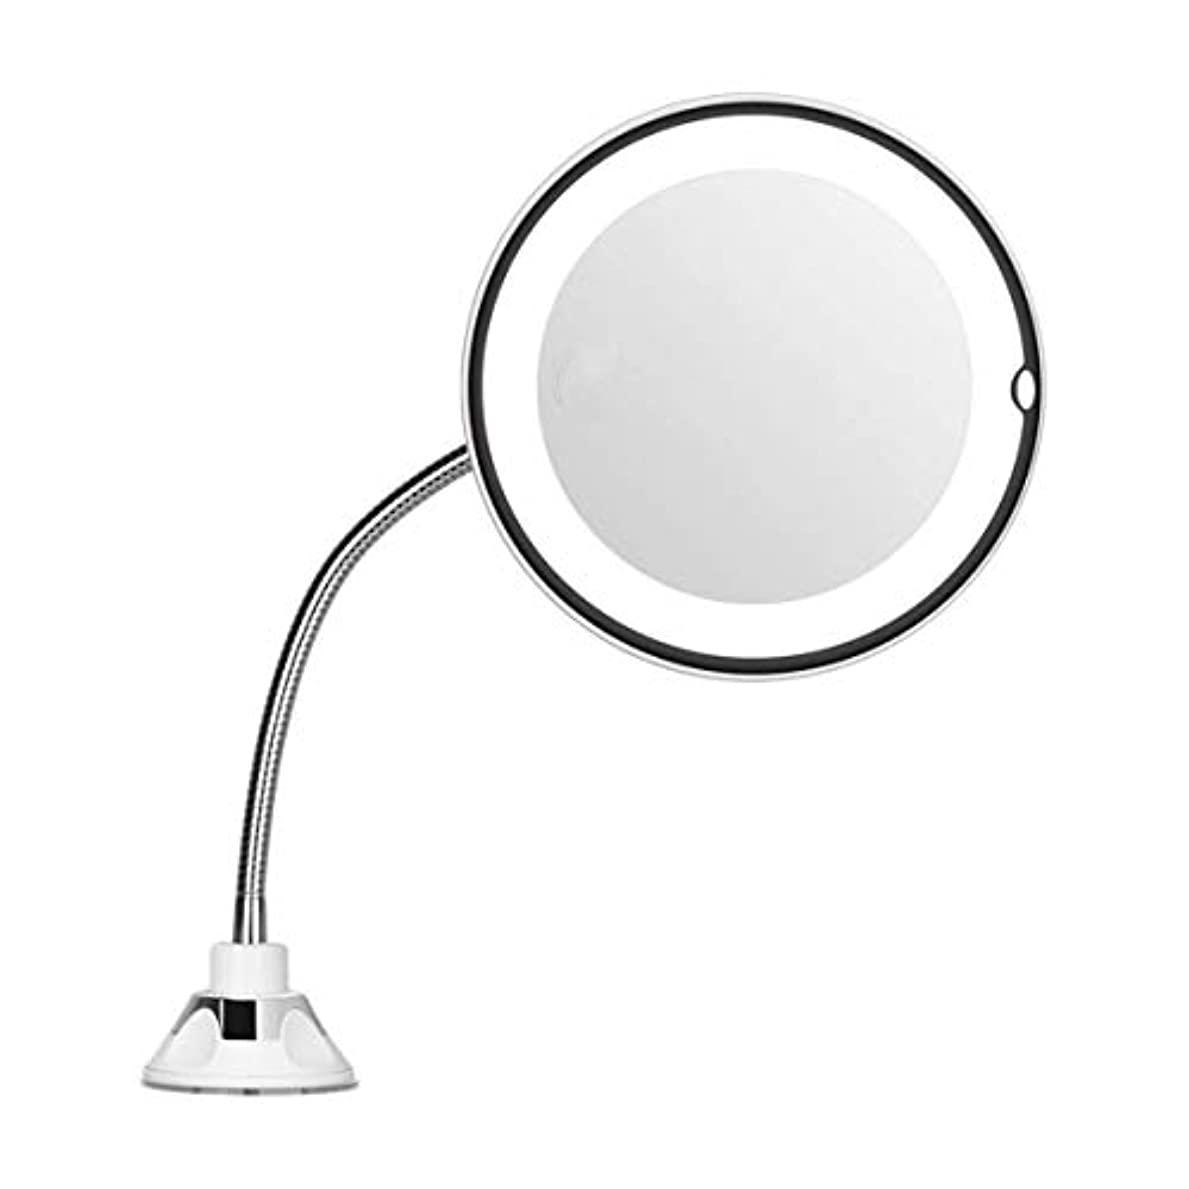 変なポルトガル語ピアニストIntercorey Mirror倍率7インチグースネックメイクアップラウンドバニティミラー家庭用浴室使用超強力吸盤